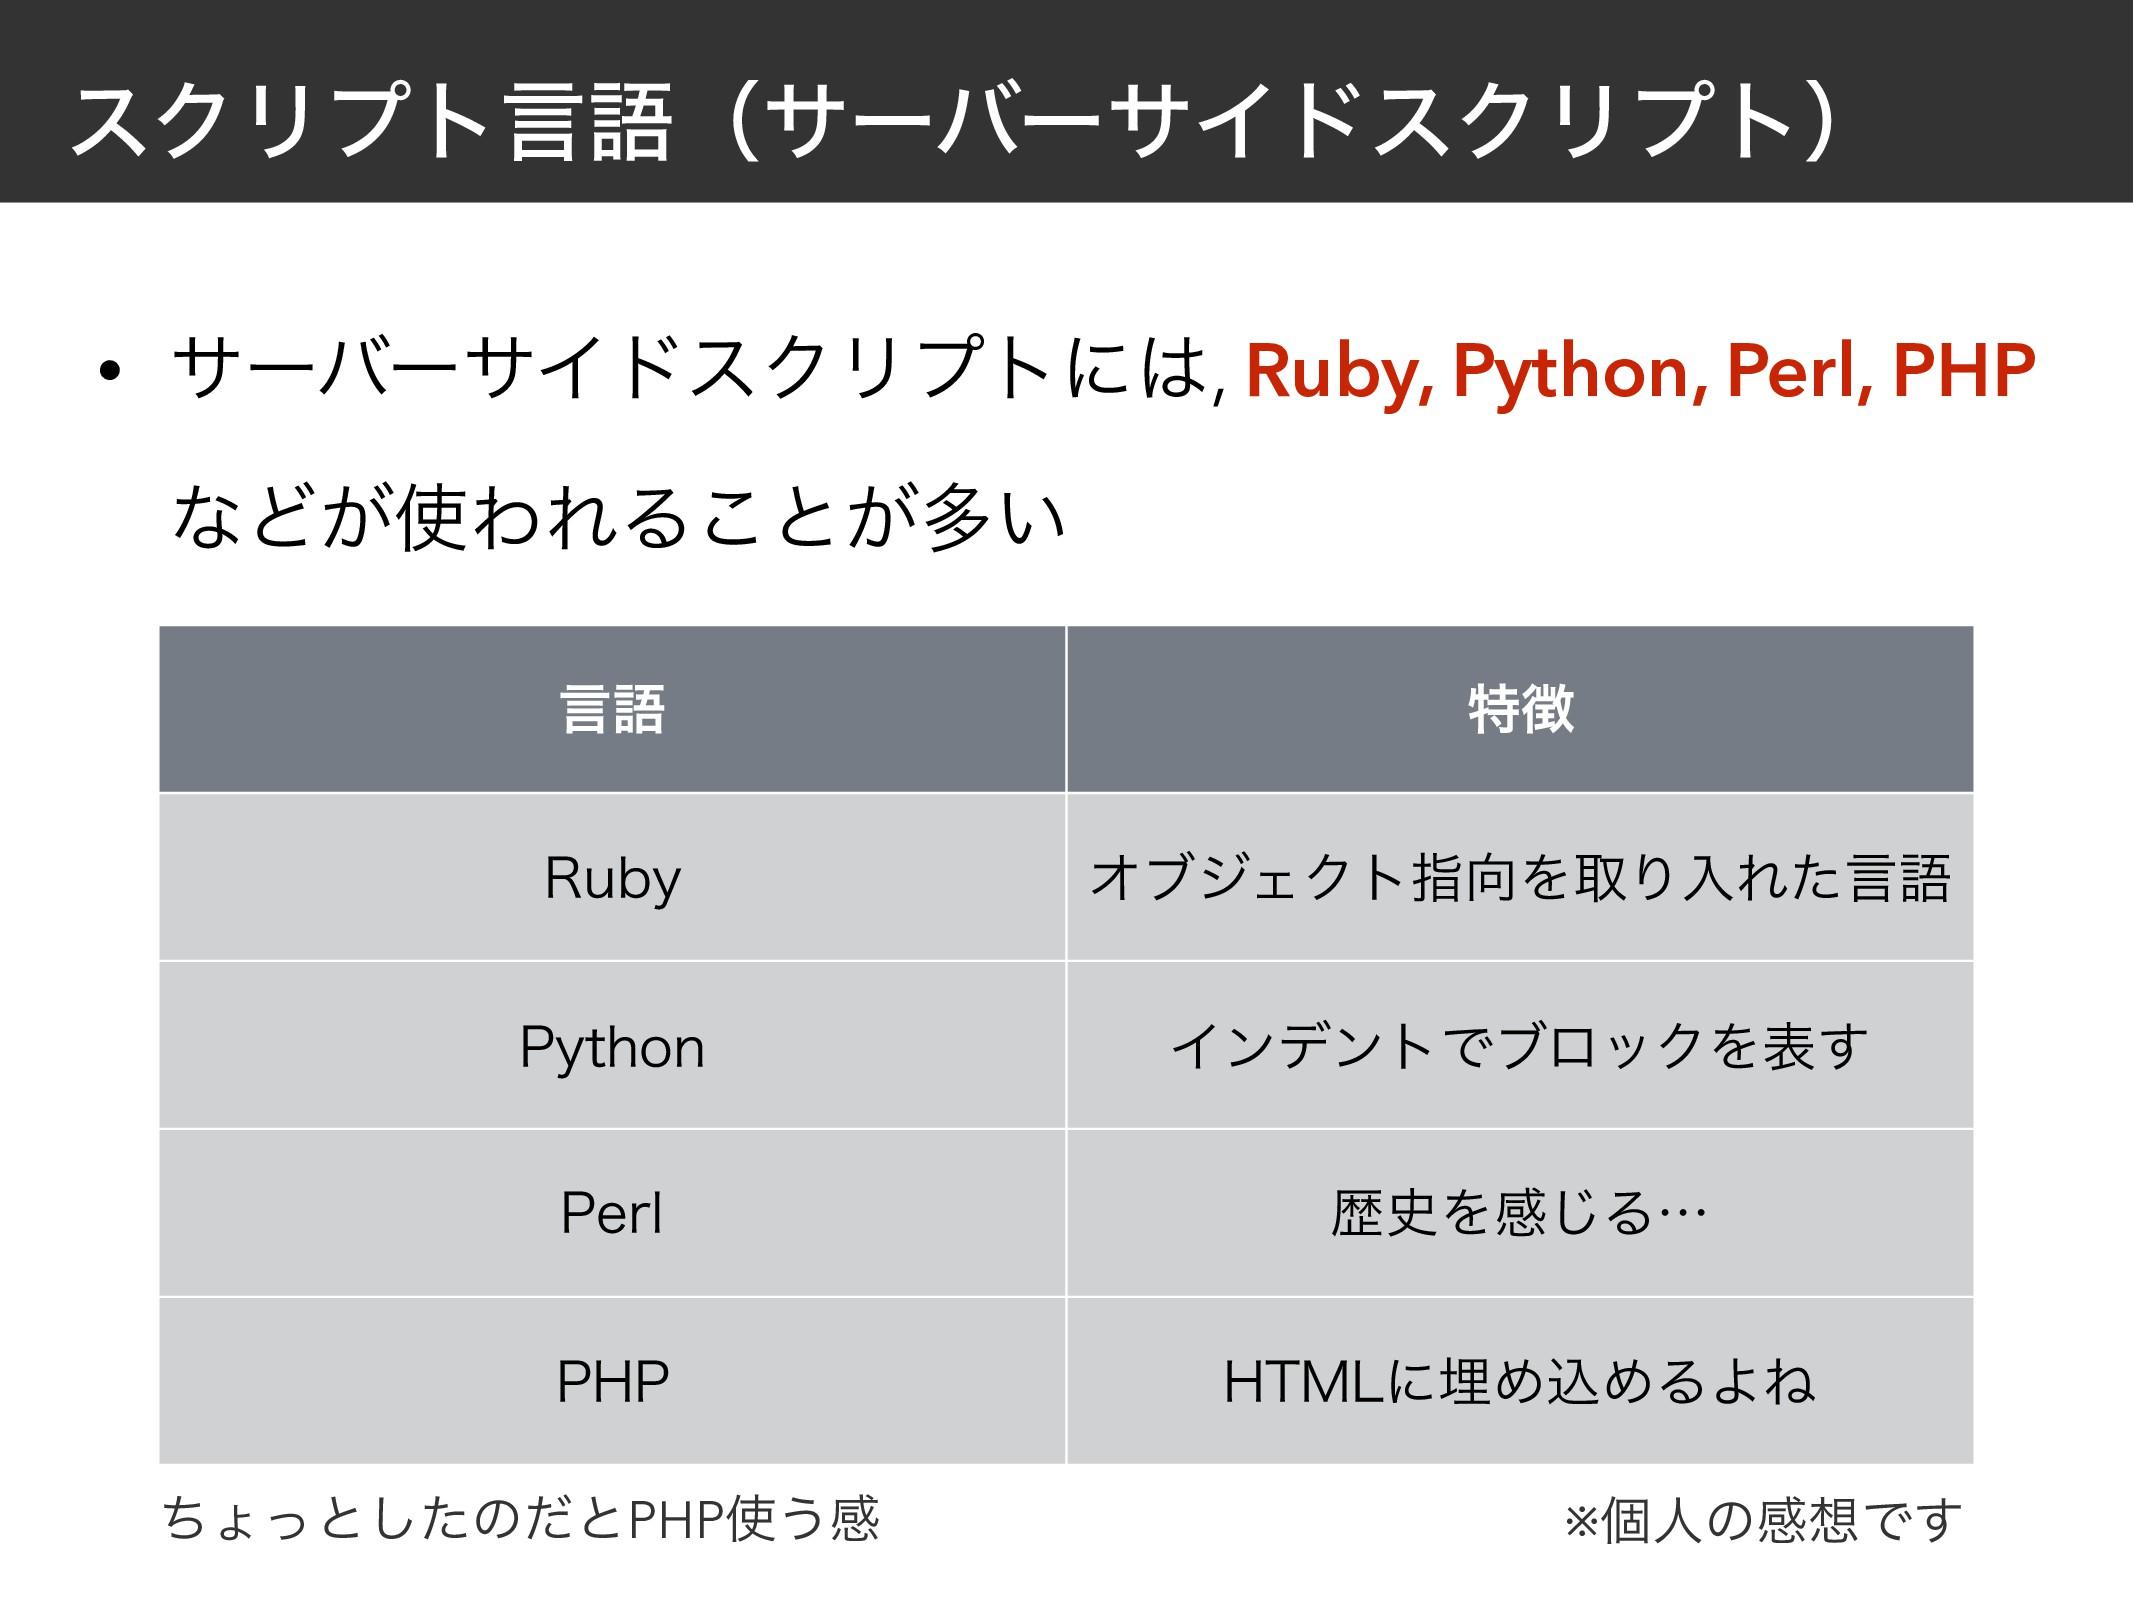 εΫϦϓτݴޠʢαʔόʔαΠυεΫϦϓτʣ • αʔόʔαΠυεΫϦϓτʹ, Ruby, P...